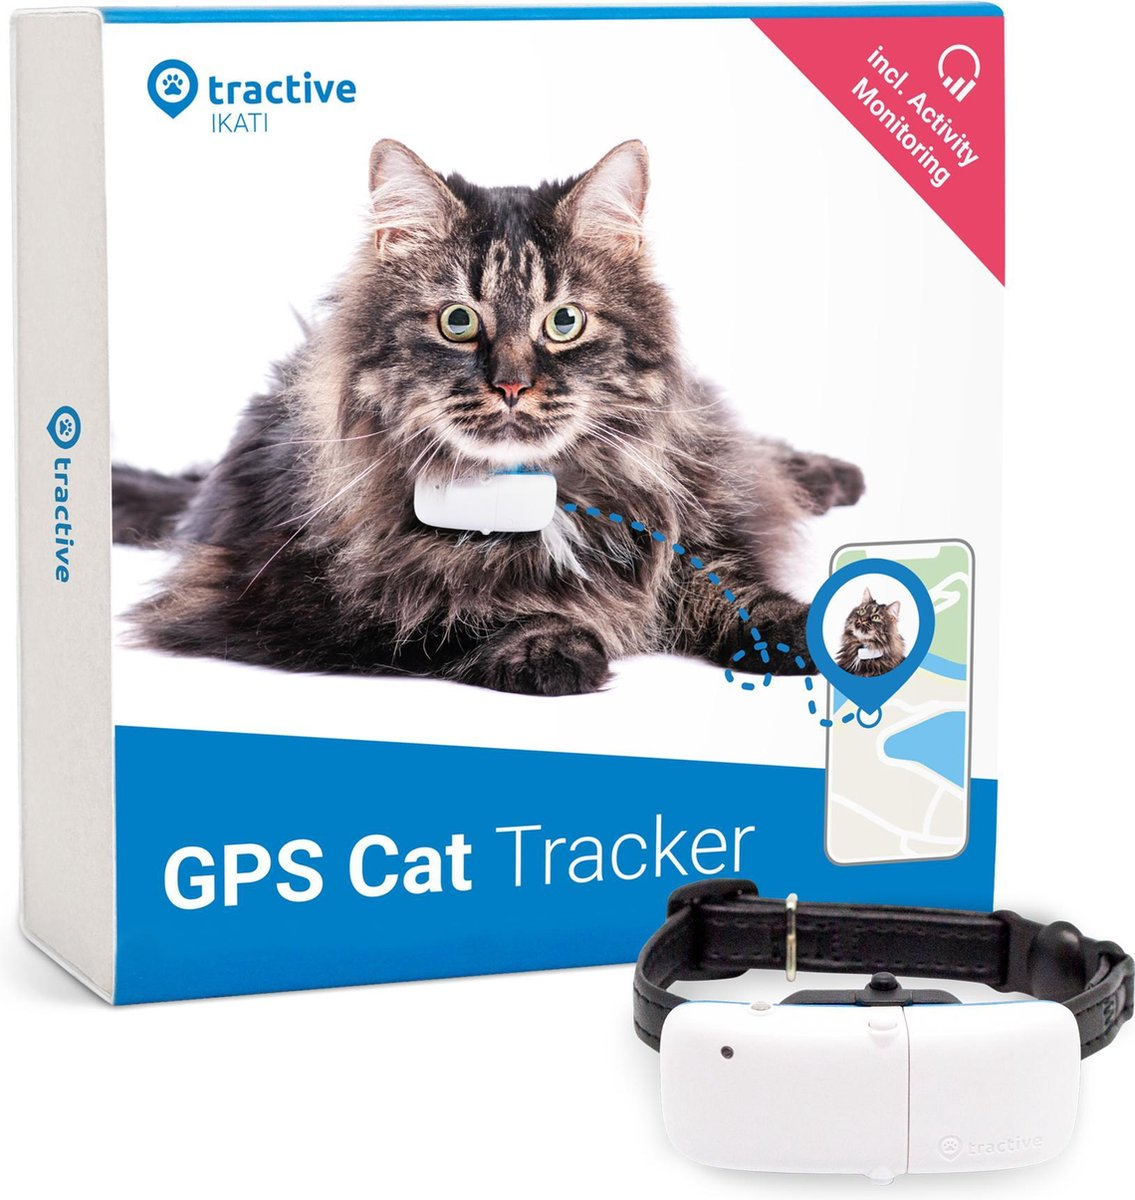 Tractive IKATI GPS tracker kat Editie 2020. Kat gps-tracker voor elke kattenhalsband  - met activite